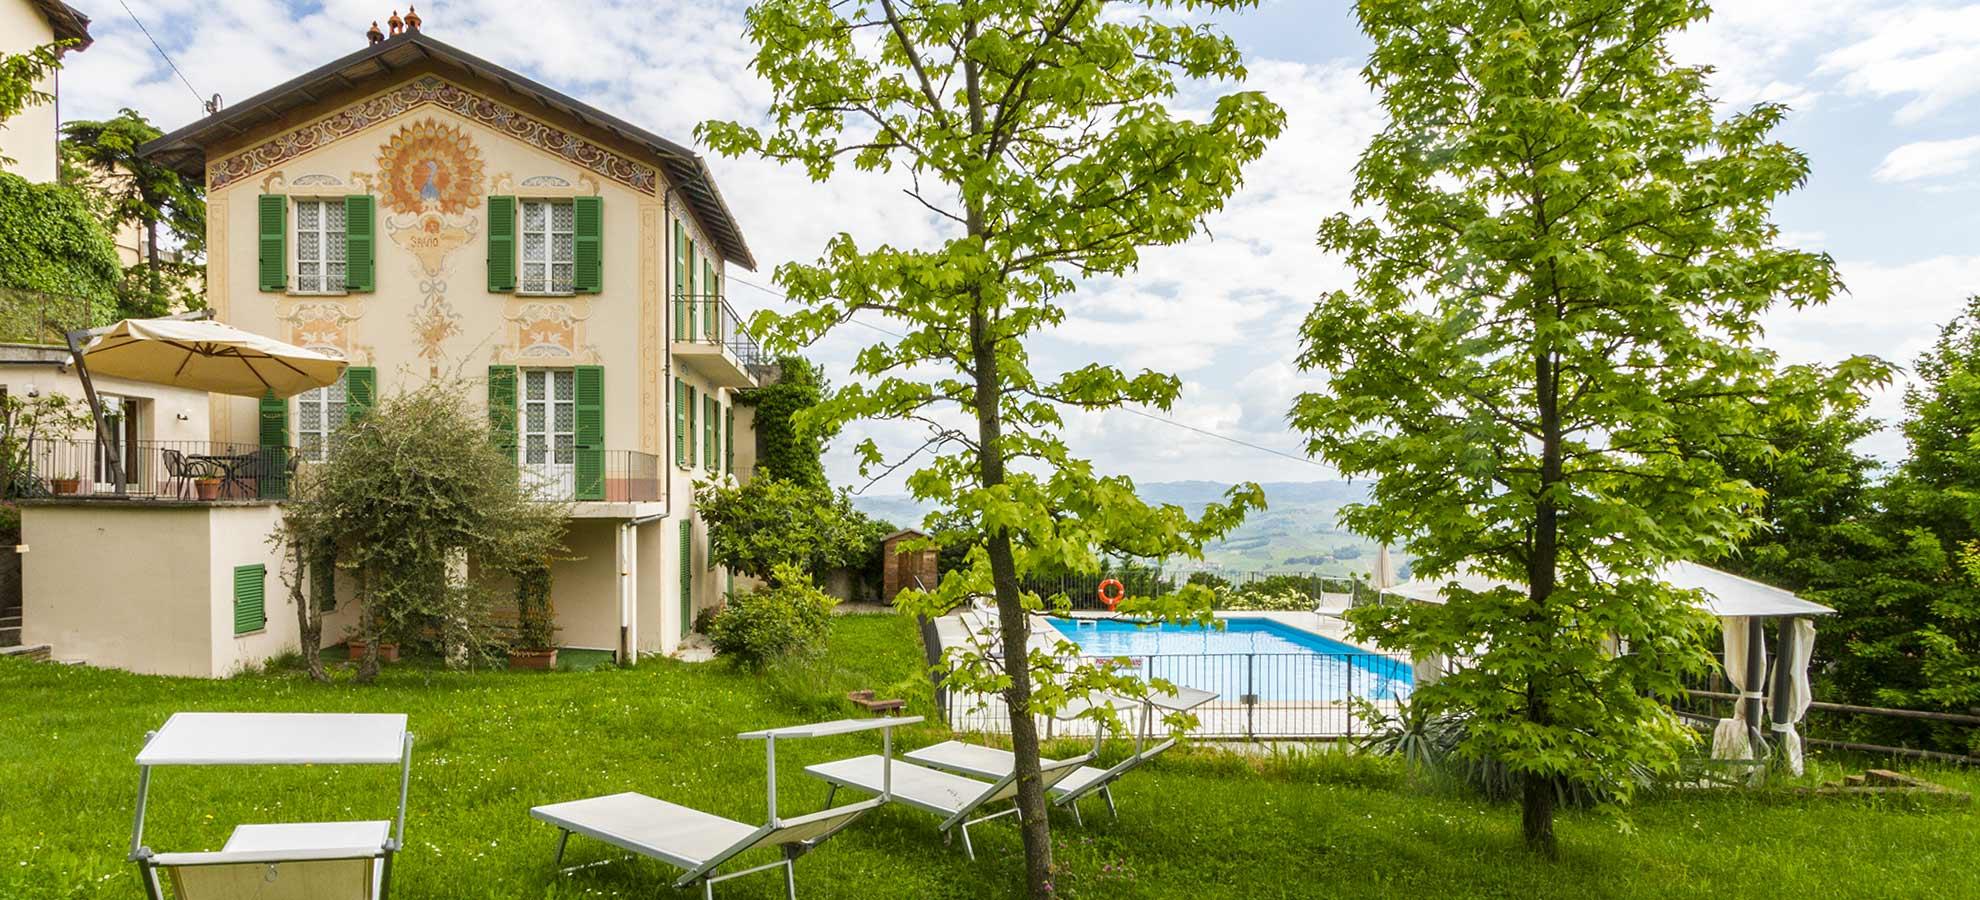 villa-con-piscina-langhe-barolo